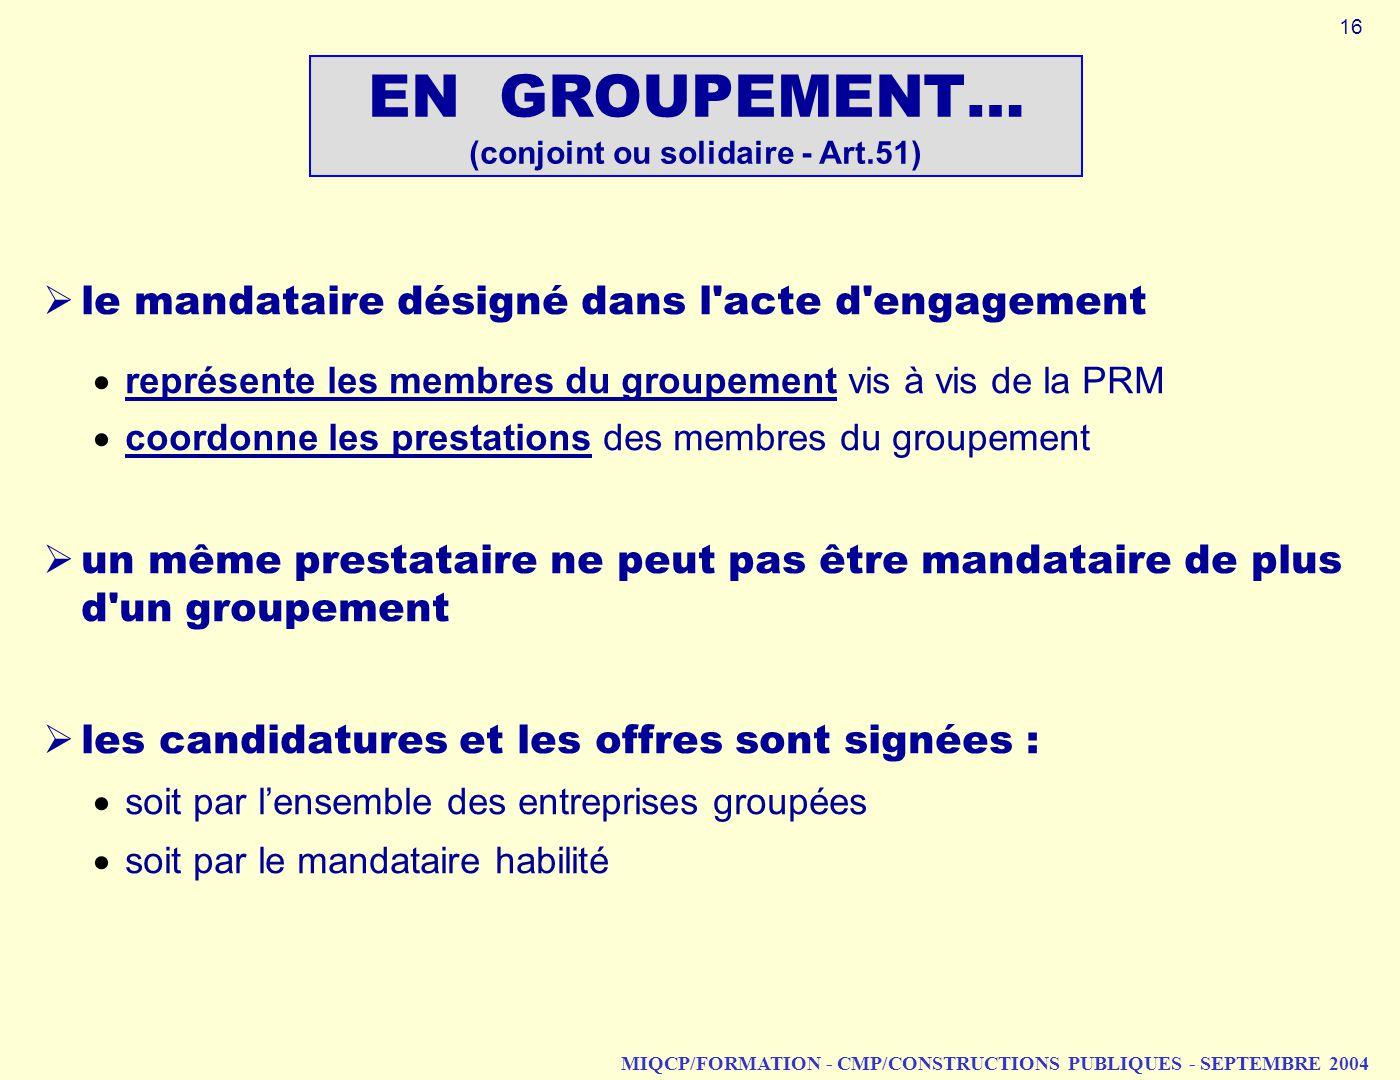 MIQCP/FORMATION - CMP/CONSTRUCTIONS PUBLIQUES - SEPTEMBRE 2004 le mandataire désigné dans l'acte d'engagement représente les membres du groupement vis